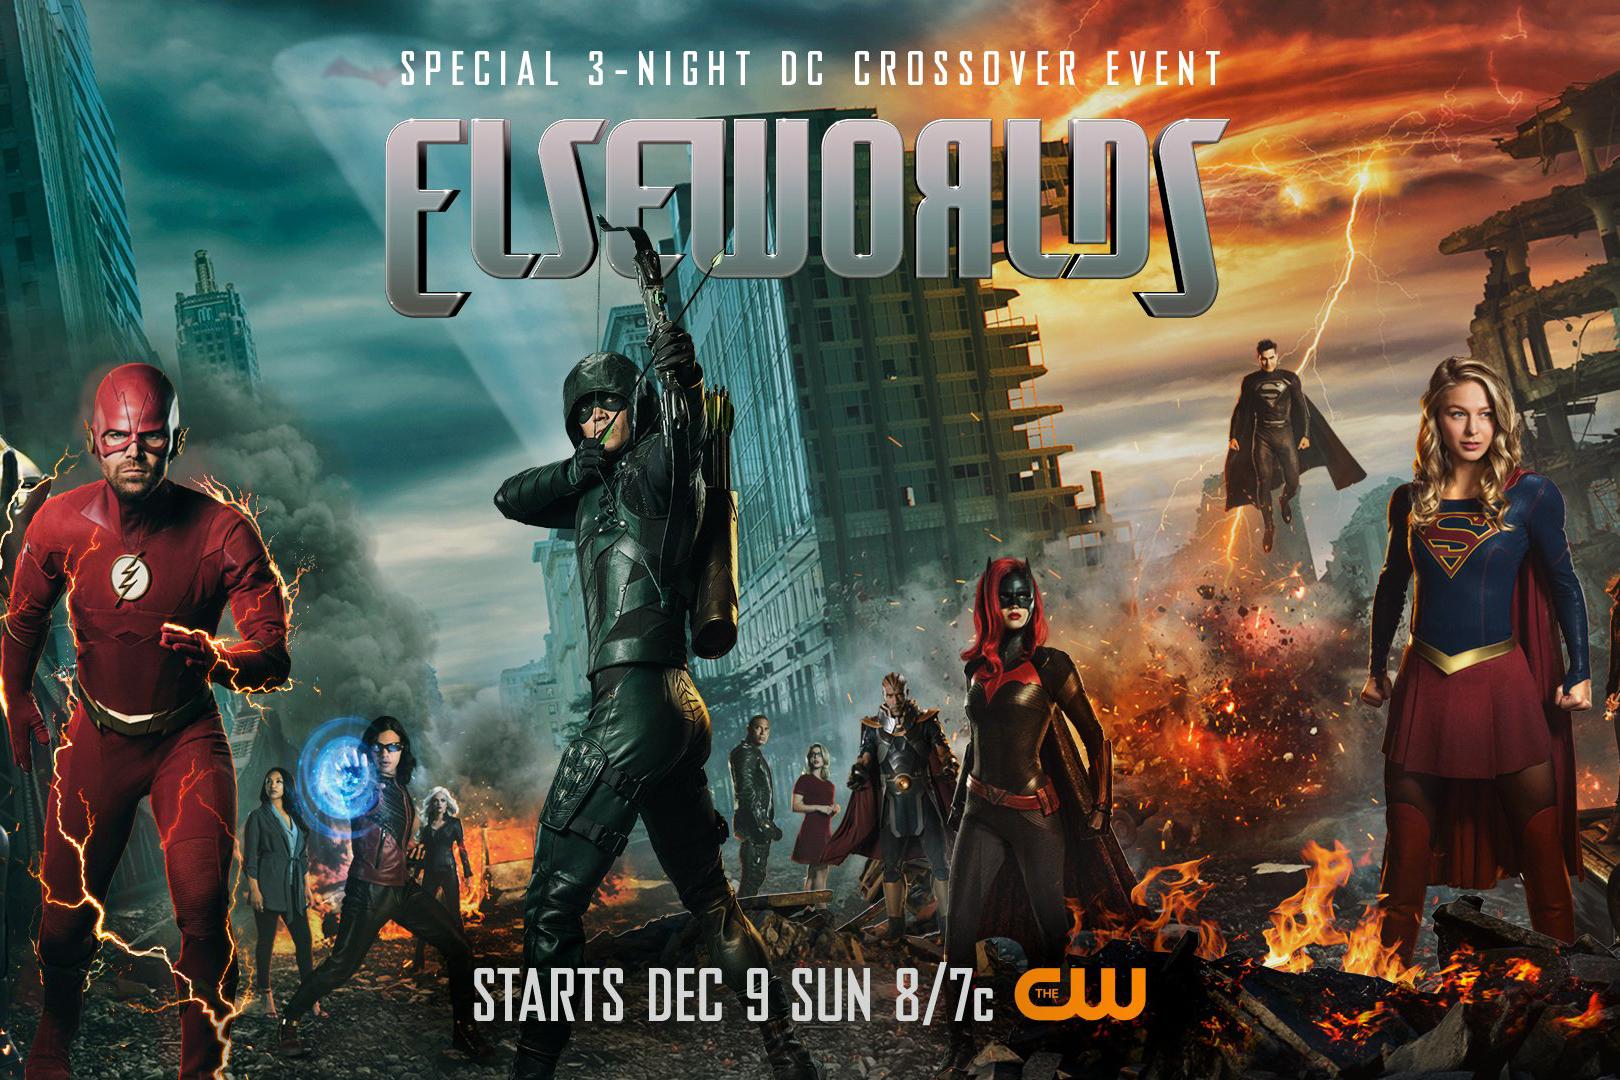 クロスオーバー作品『エルスワールド』のポスターが公開!バットウーマンや2人のスーパーマン?